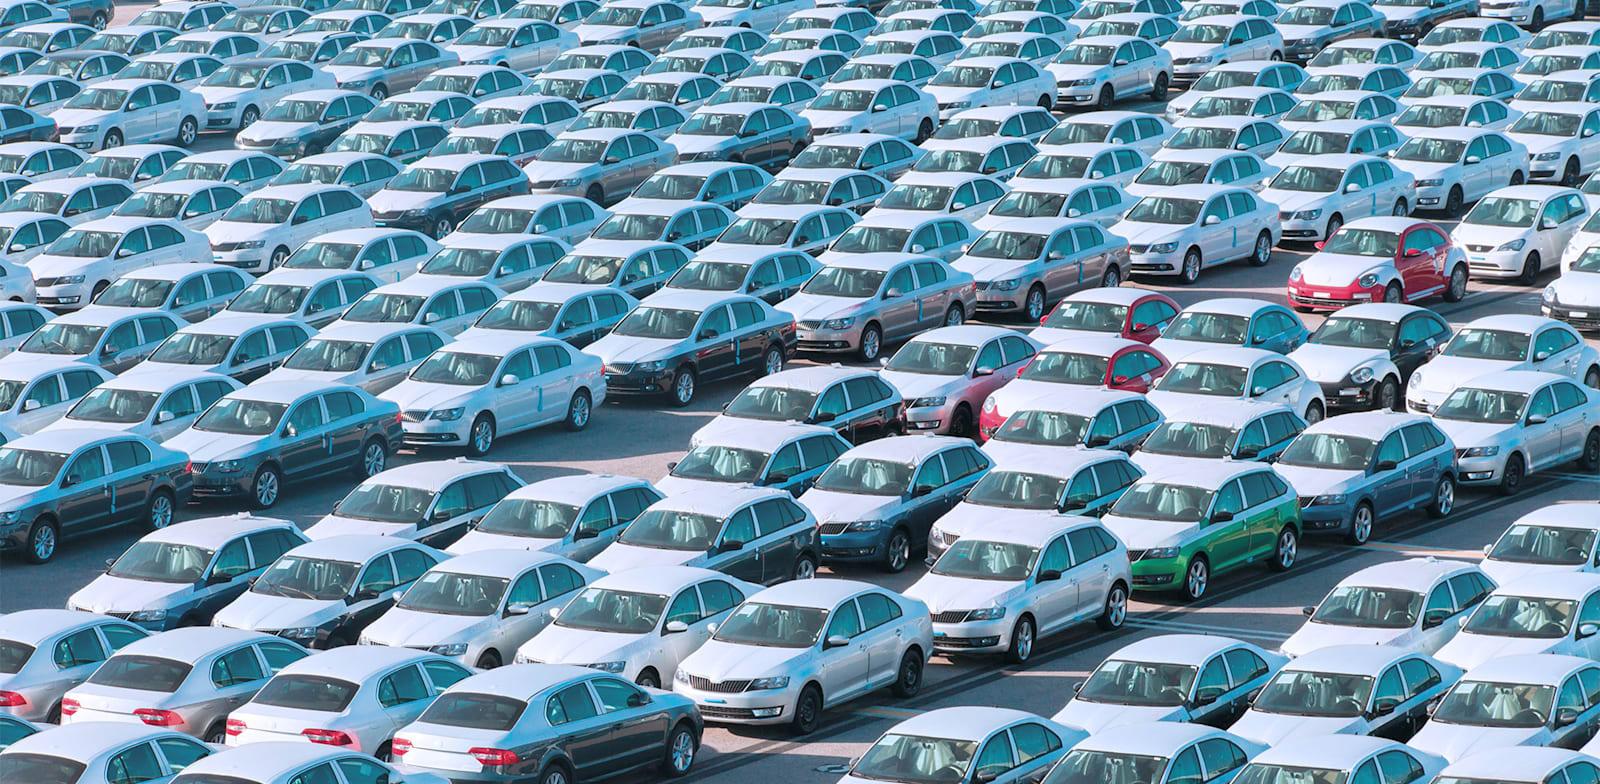 מכוניות חדשות חונות בנמל חיפה / צילום: Shutterstock